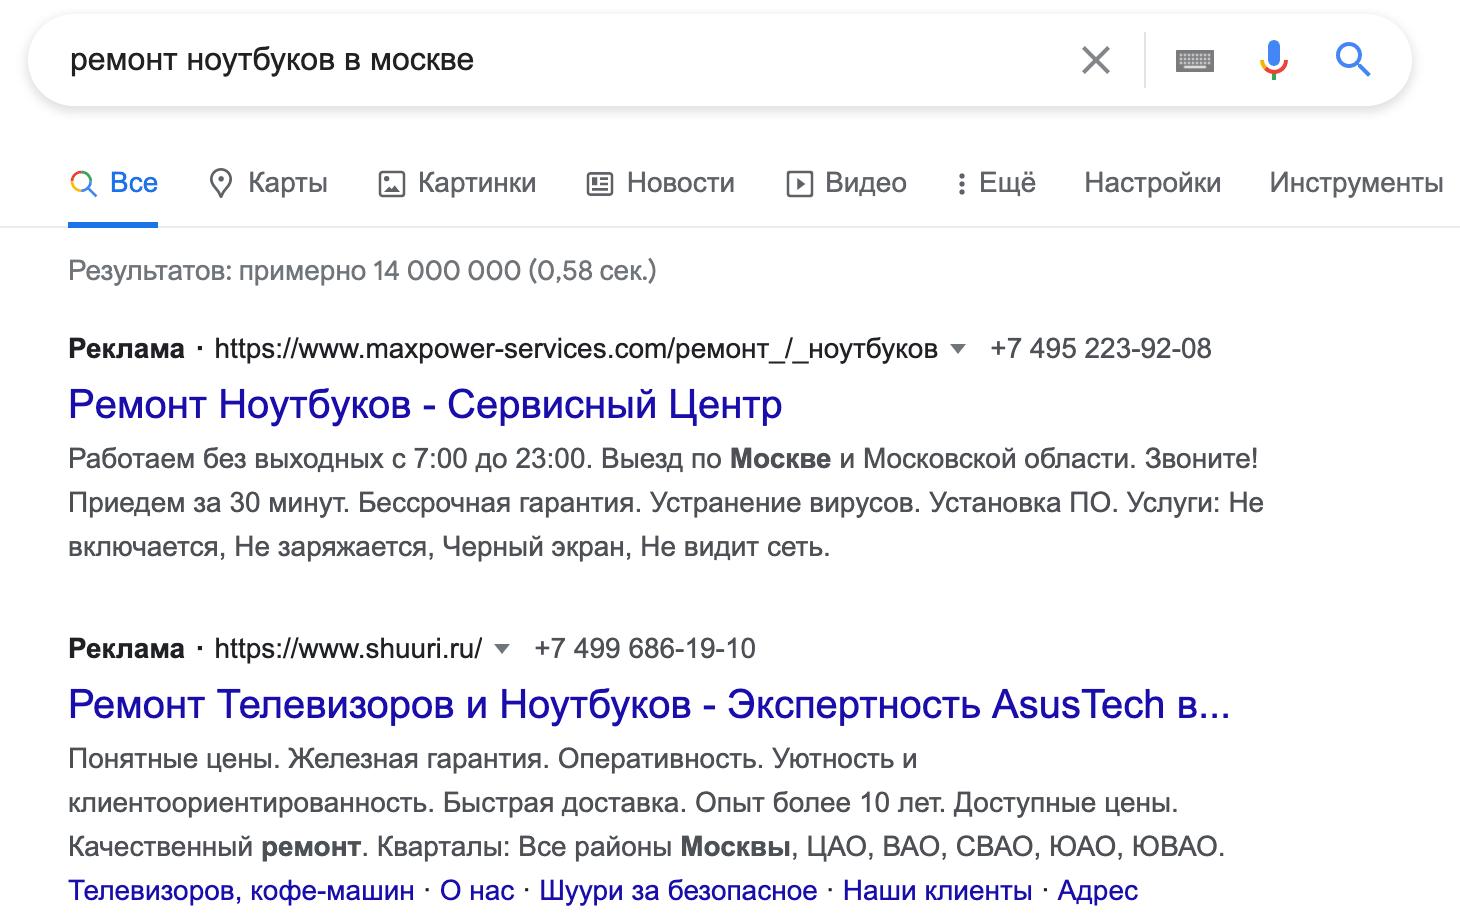 Объявления контекстной рекламы Google AdWords по запросу ремонт ноутбуков Москва